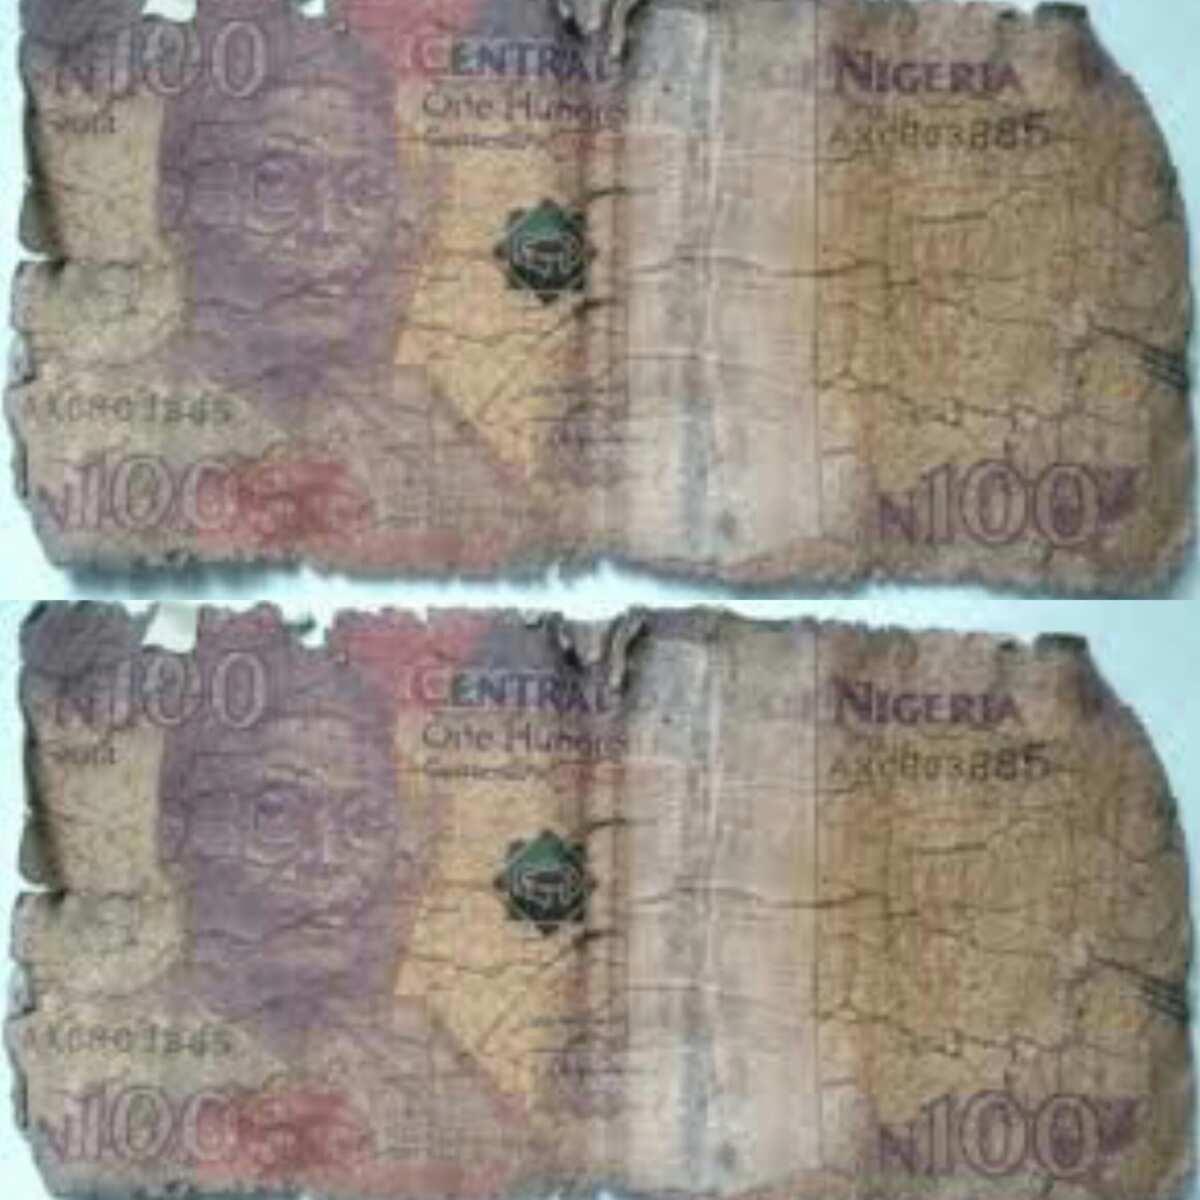 Yan Nigeria sun koka kan yawaitar Lalatattun N100, sun roki Shugaban kasa da CBN da a bugo sabbi